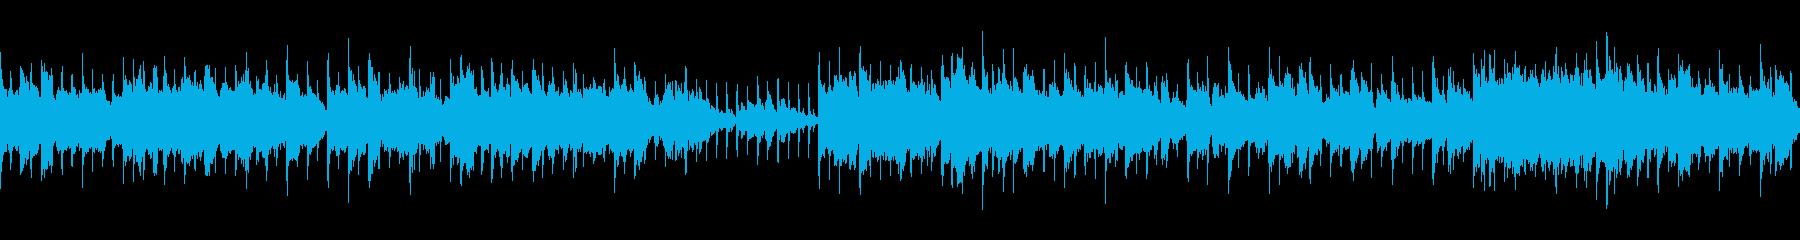 【ループ】おしゃれな雰囲気 淡々とピアノの再生済みの波形